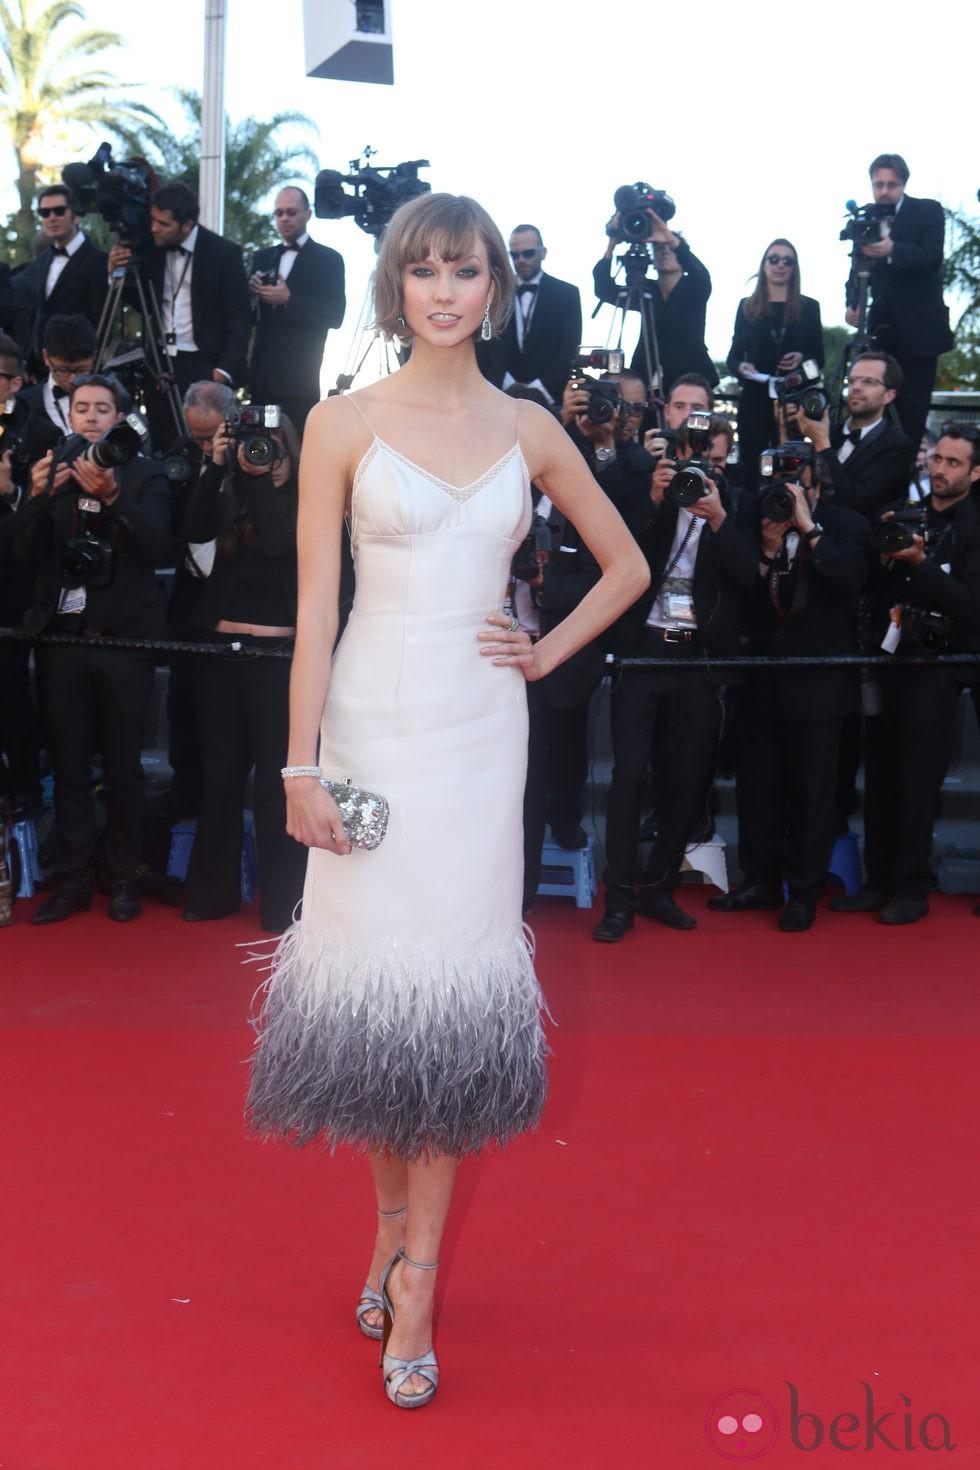 Karlie Kloss en la presentación de 'The immigrant' en Cannes 2013